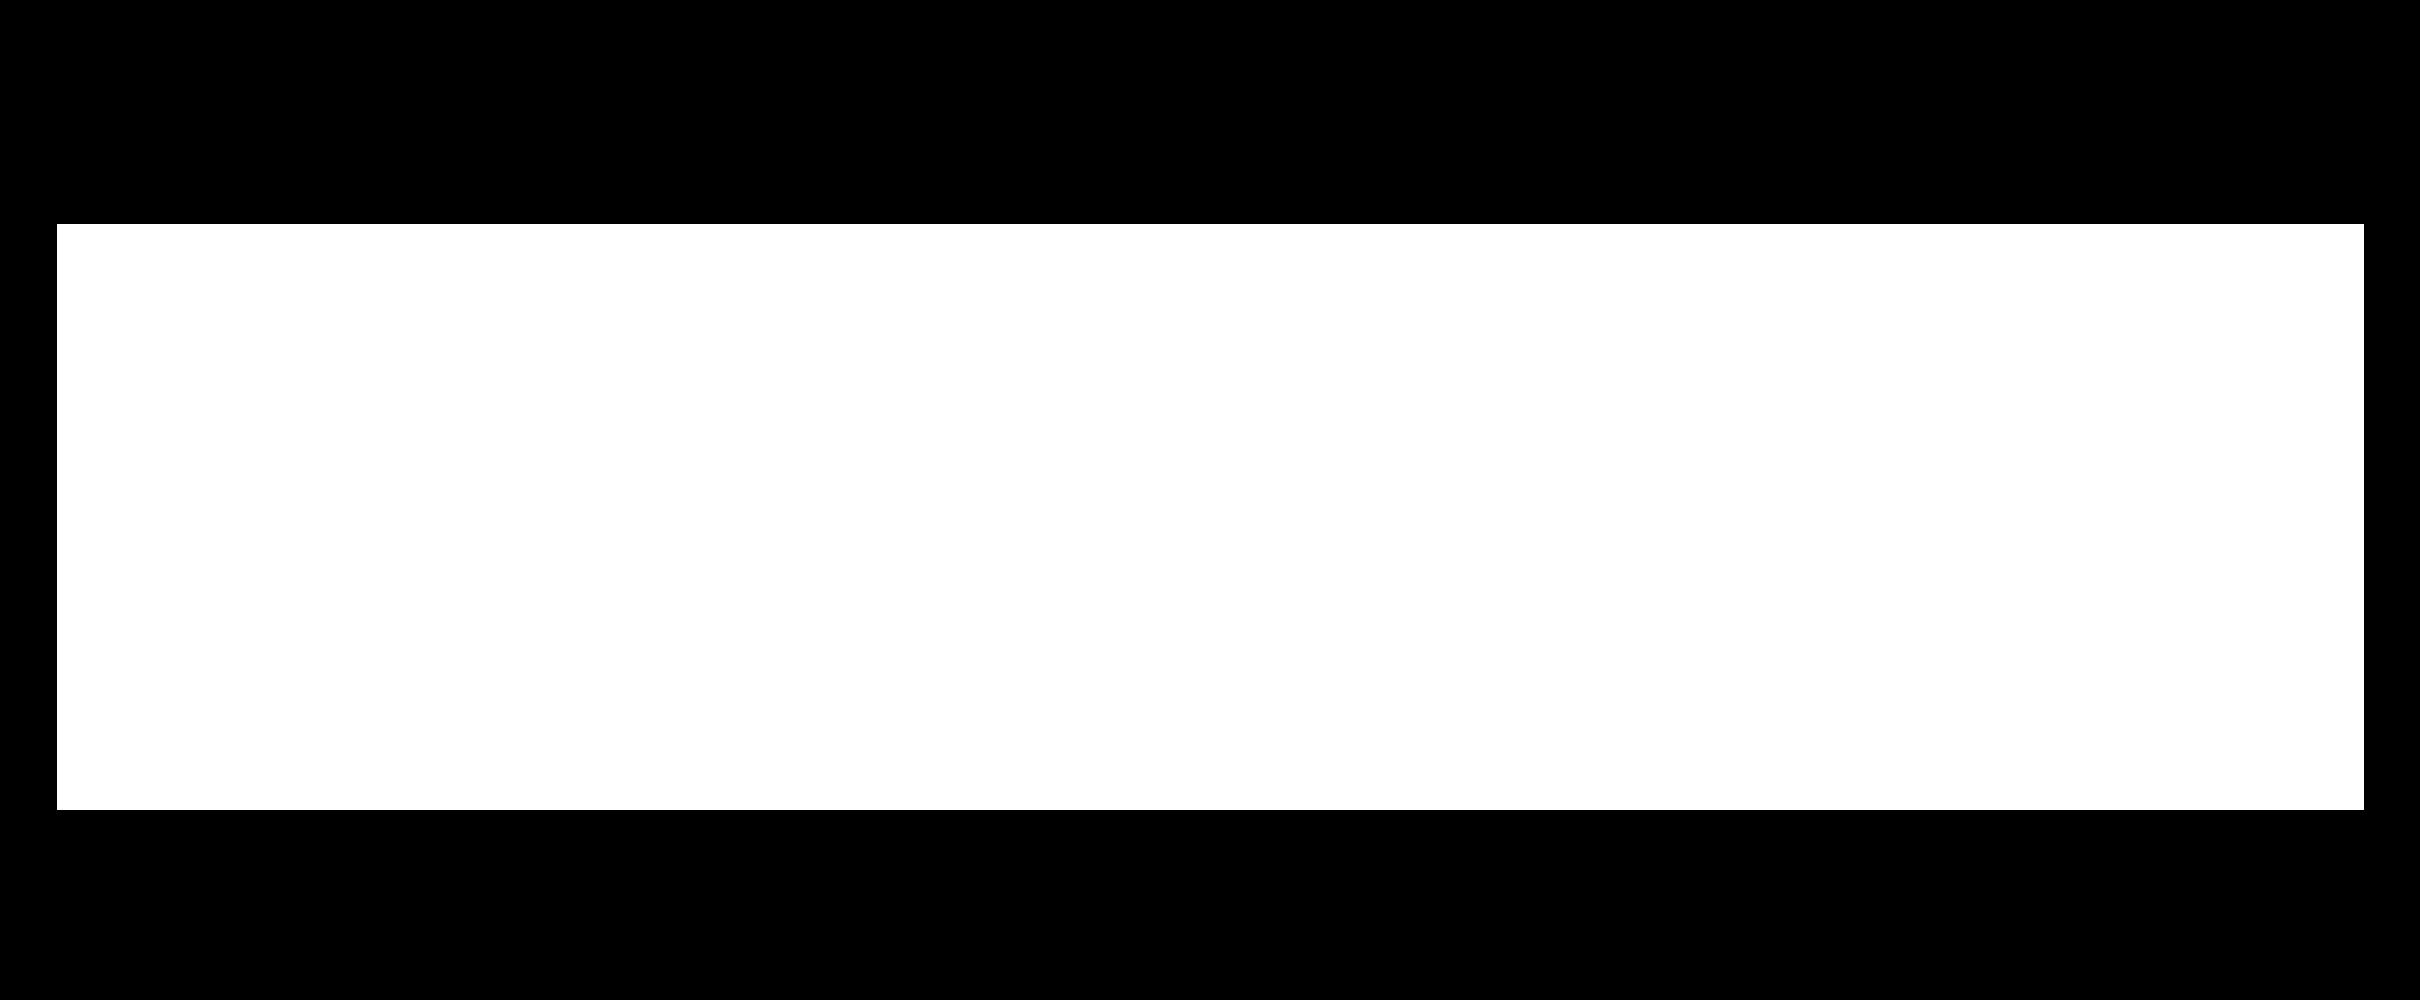 KMUC logo